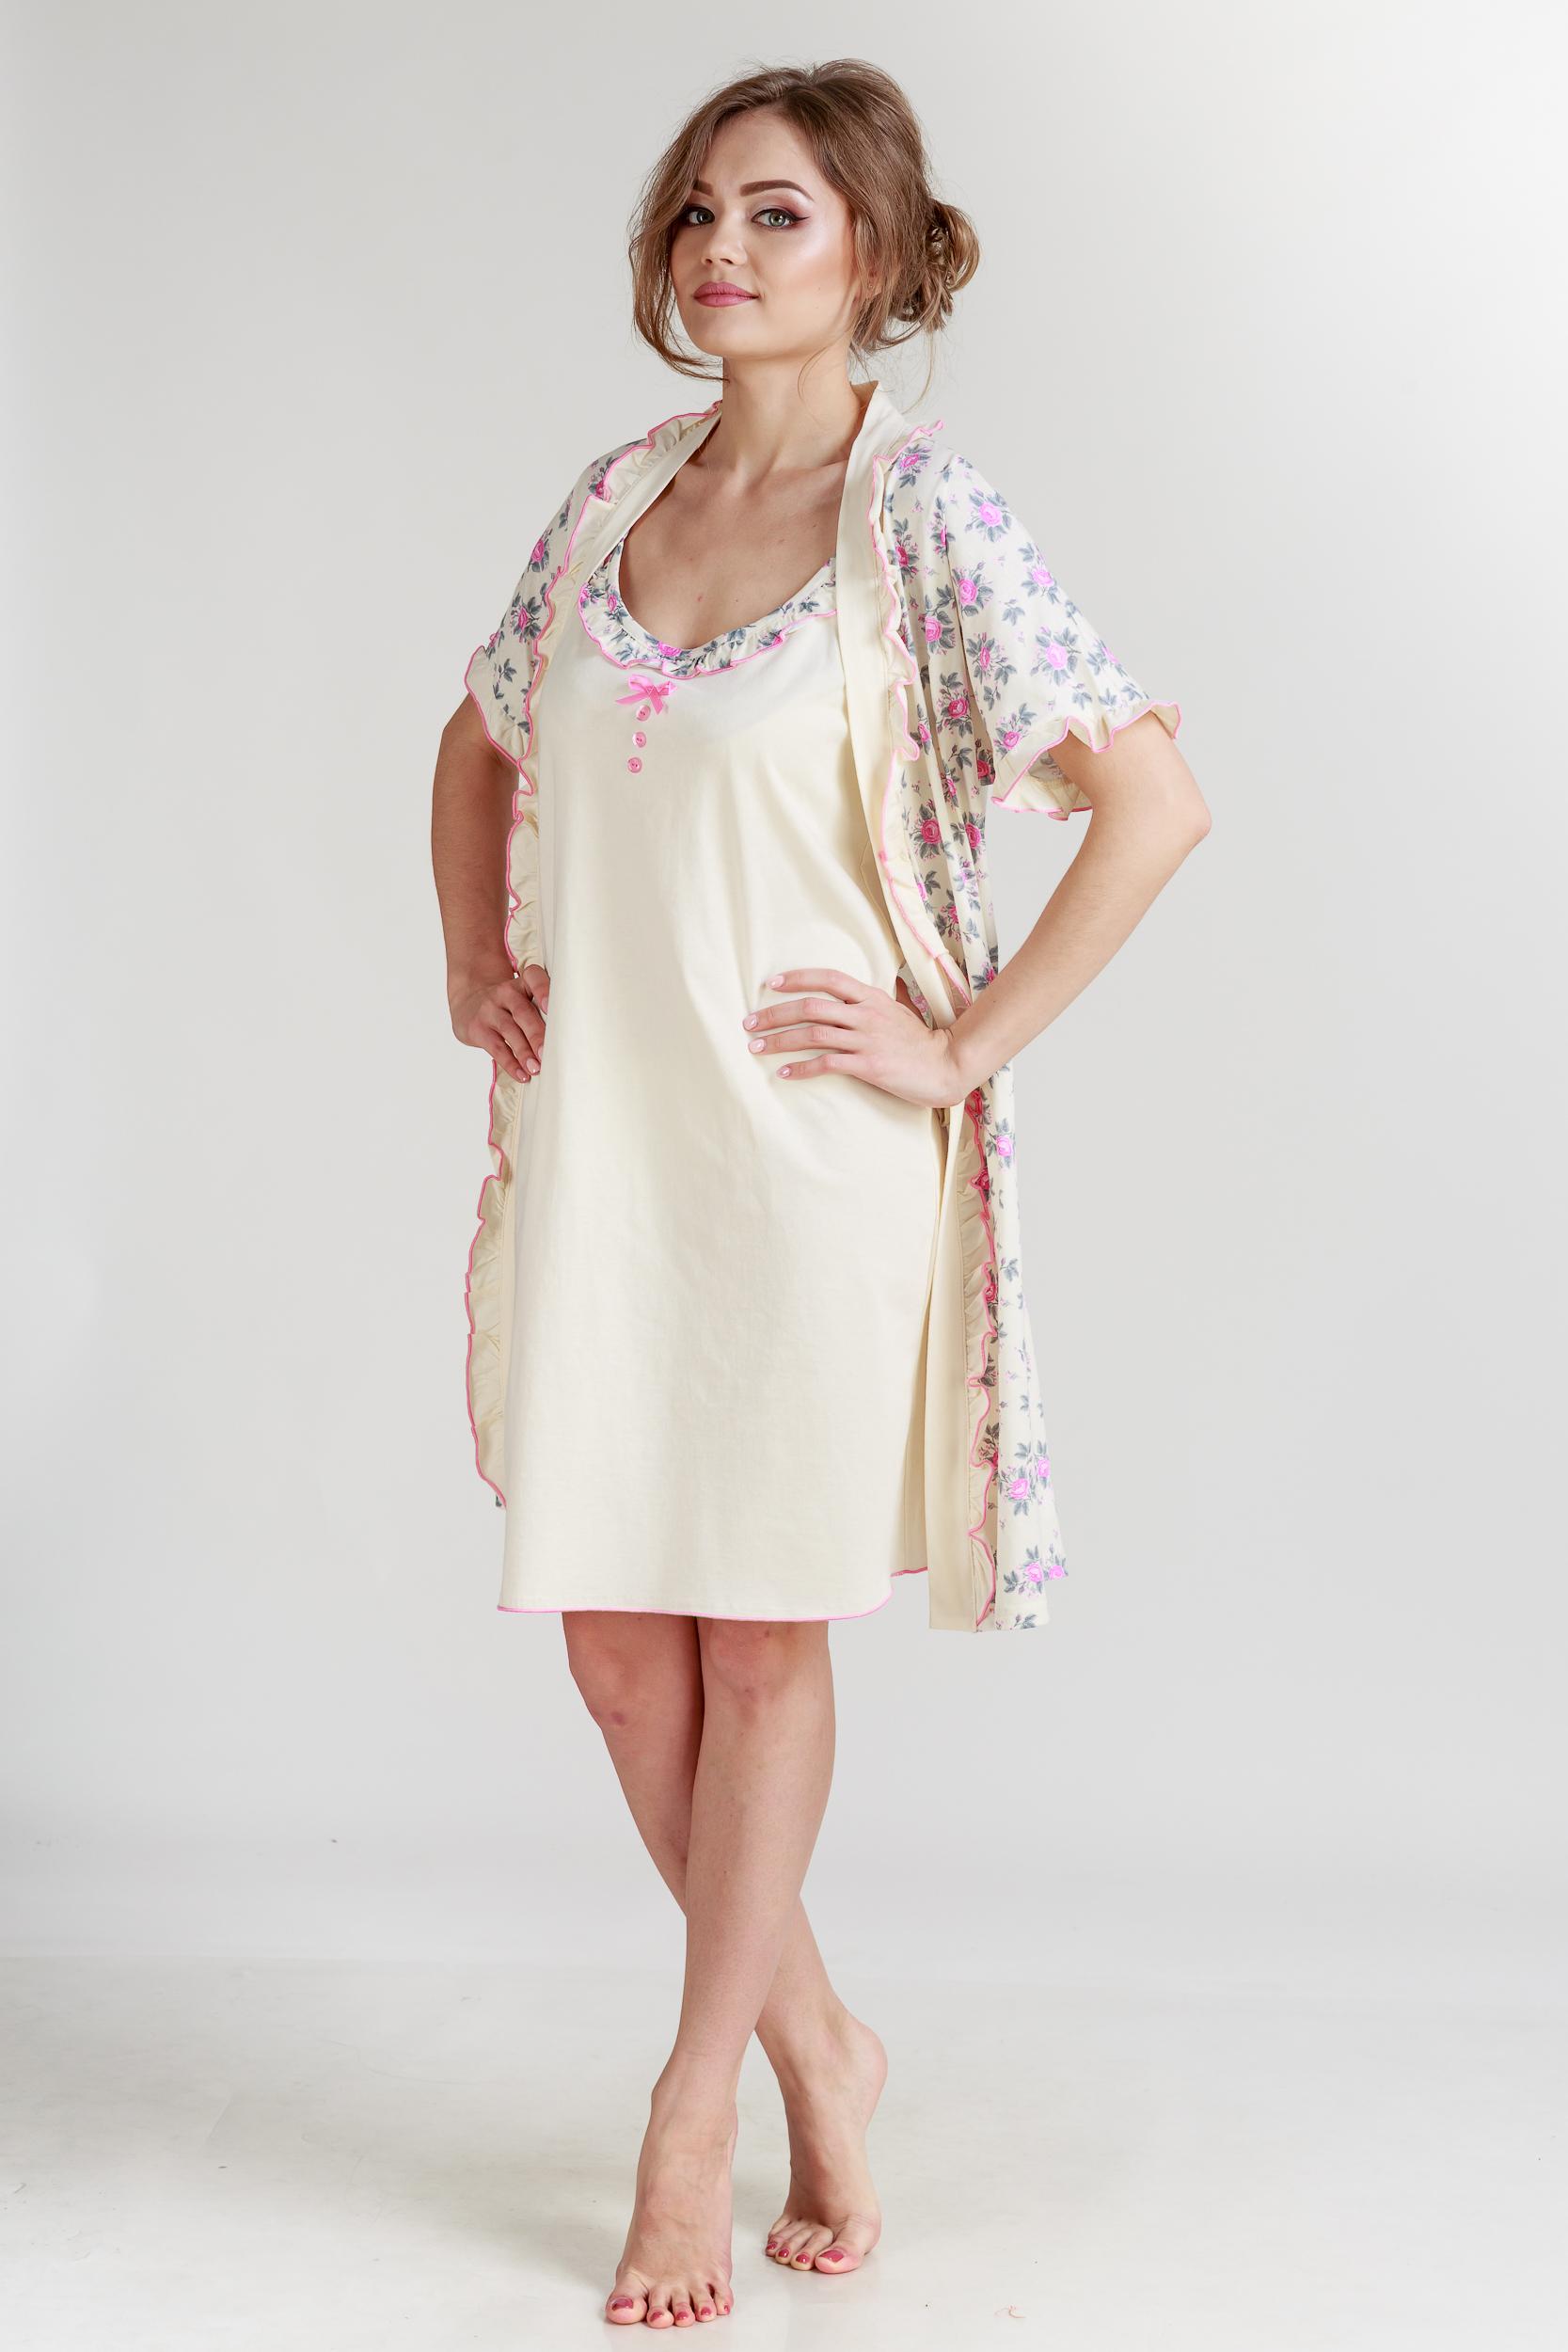 Домашние халаты Pastilla Халат и сорочка Ваниль Цвет: Розовый Экрю (xL-xxL) халаты домашние лори халат